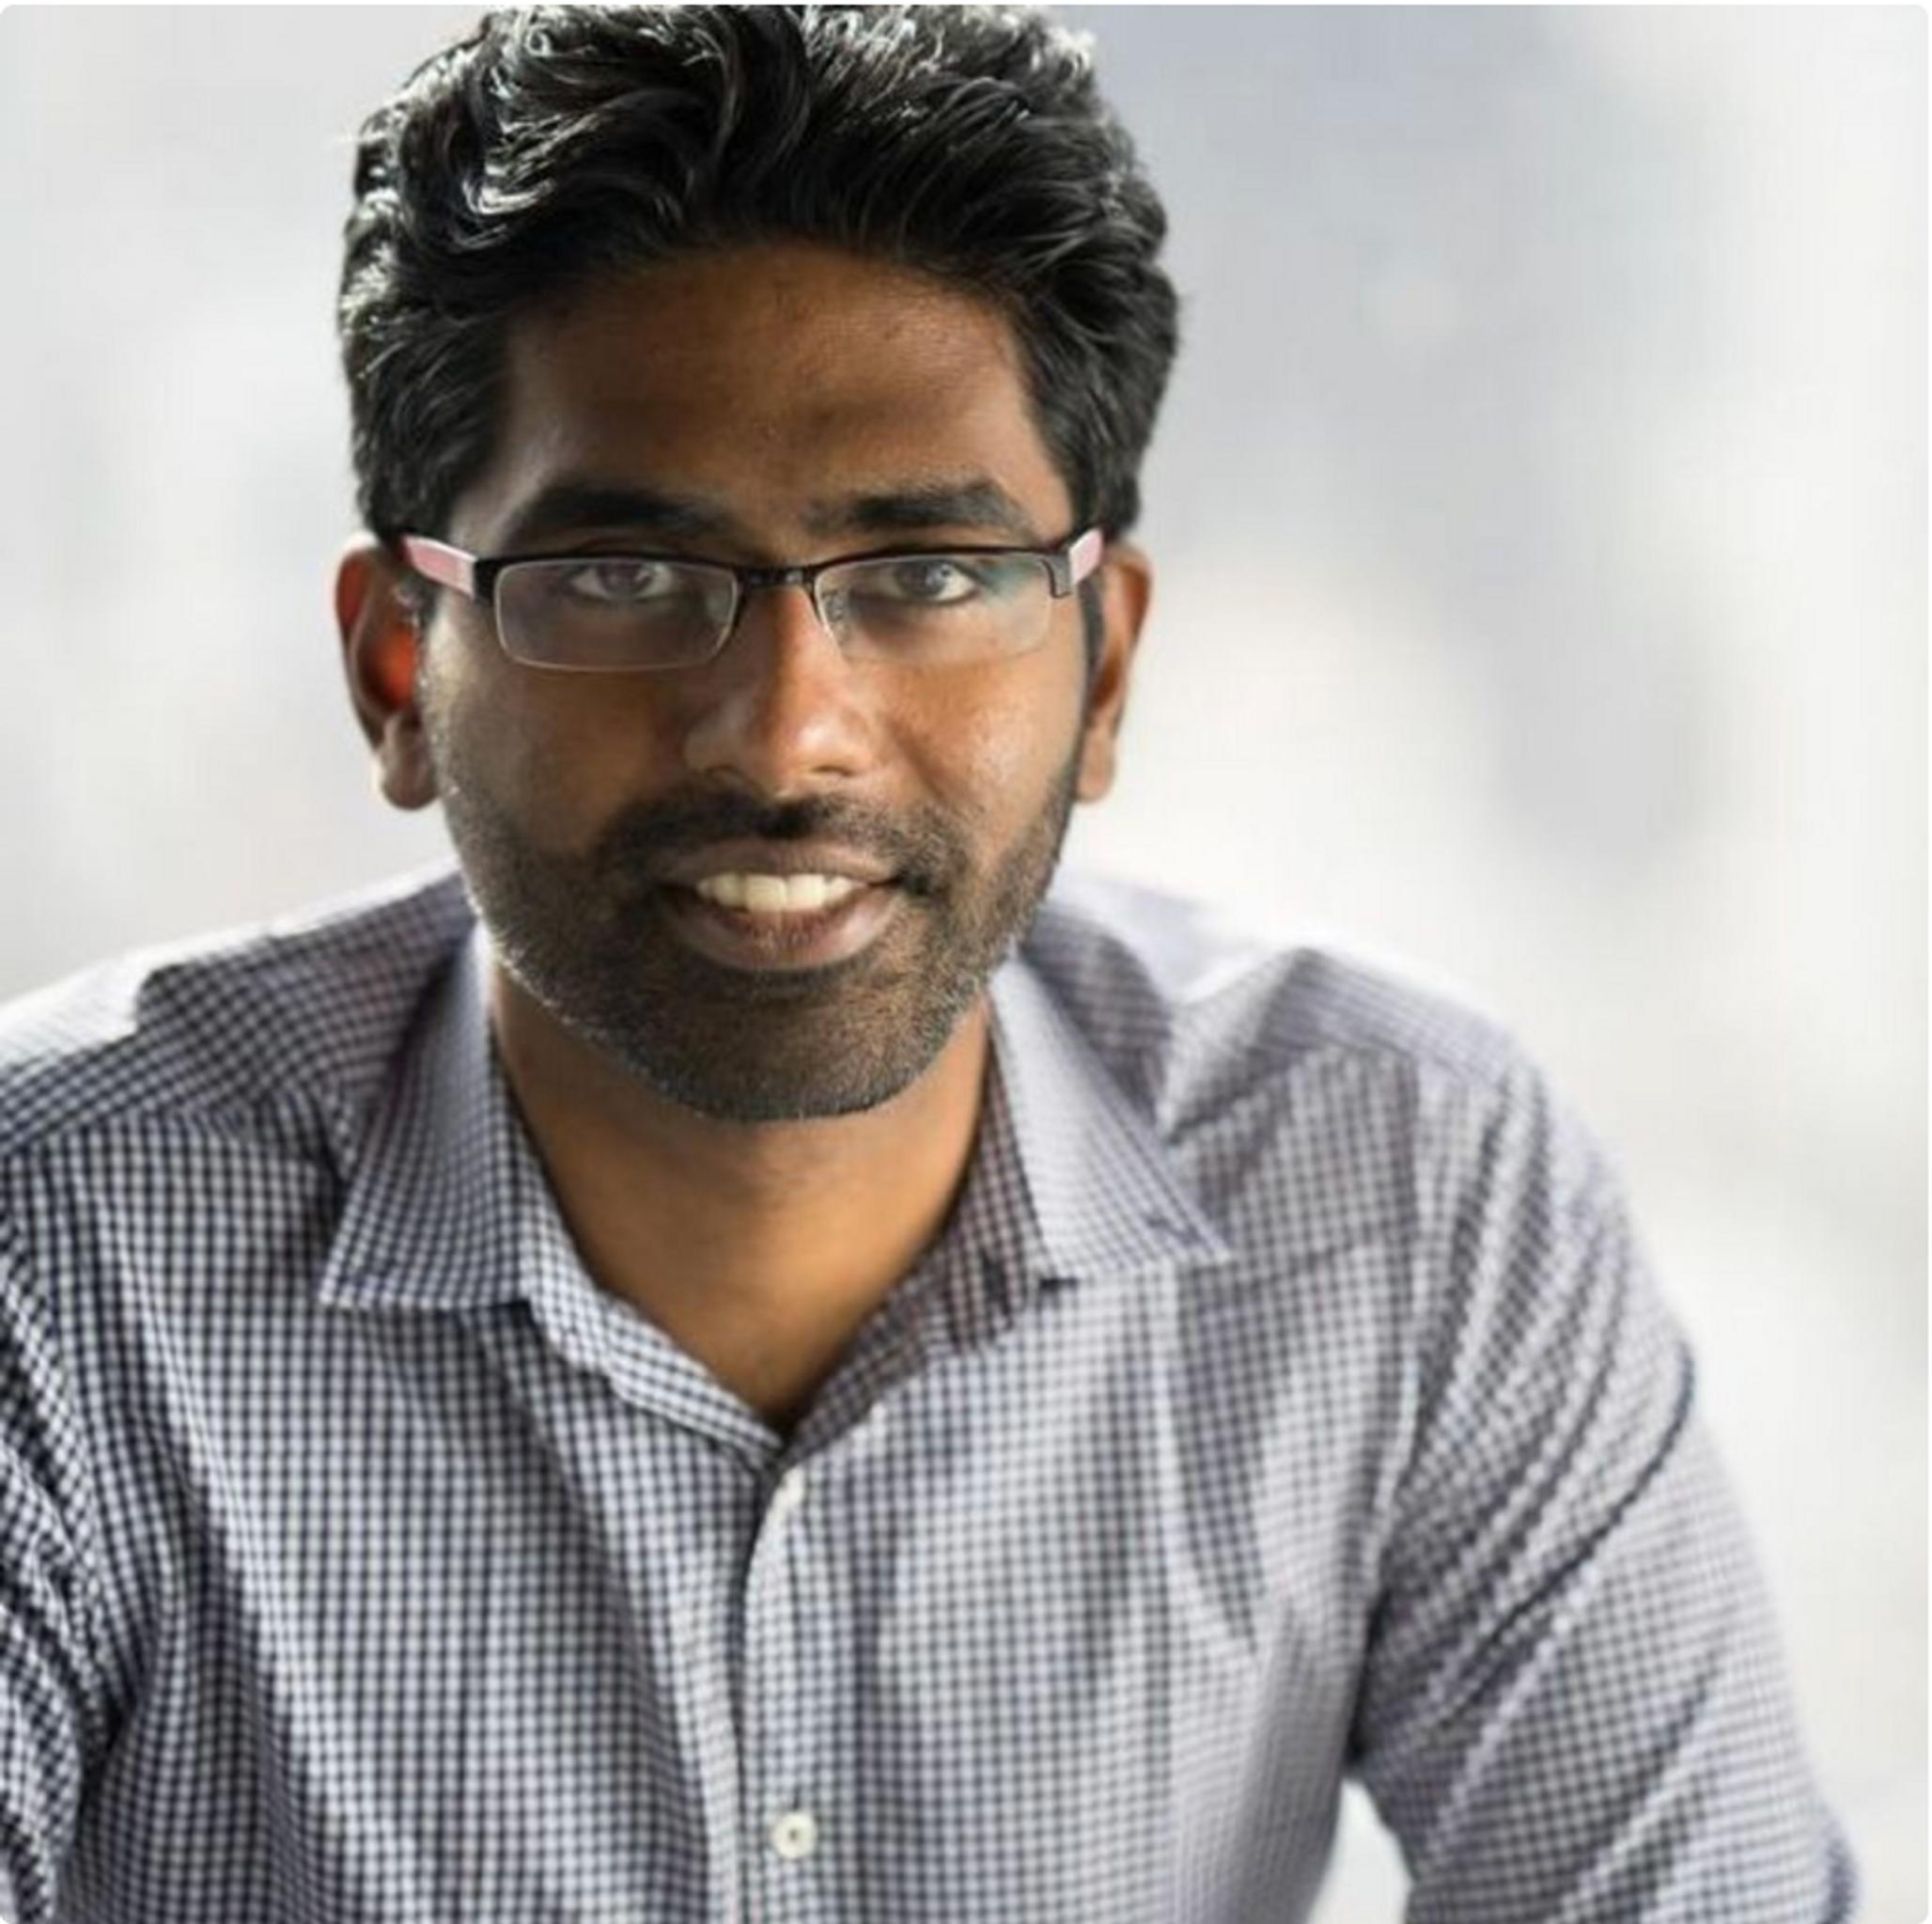 Varun Srinivasan, Director of Eng at Coinbase